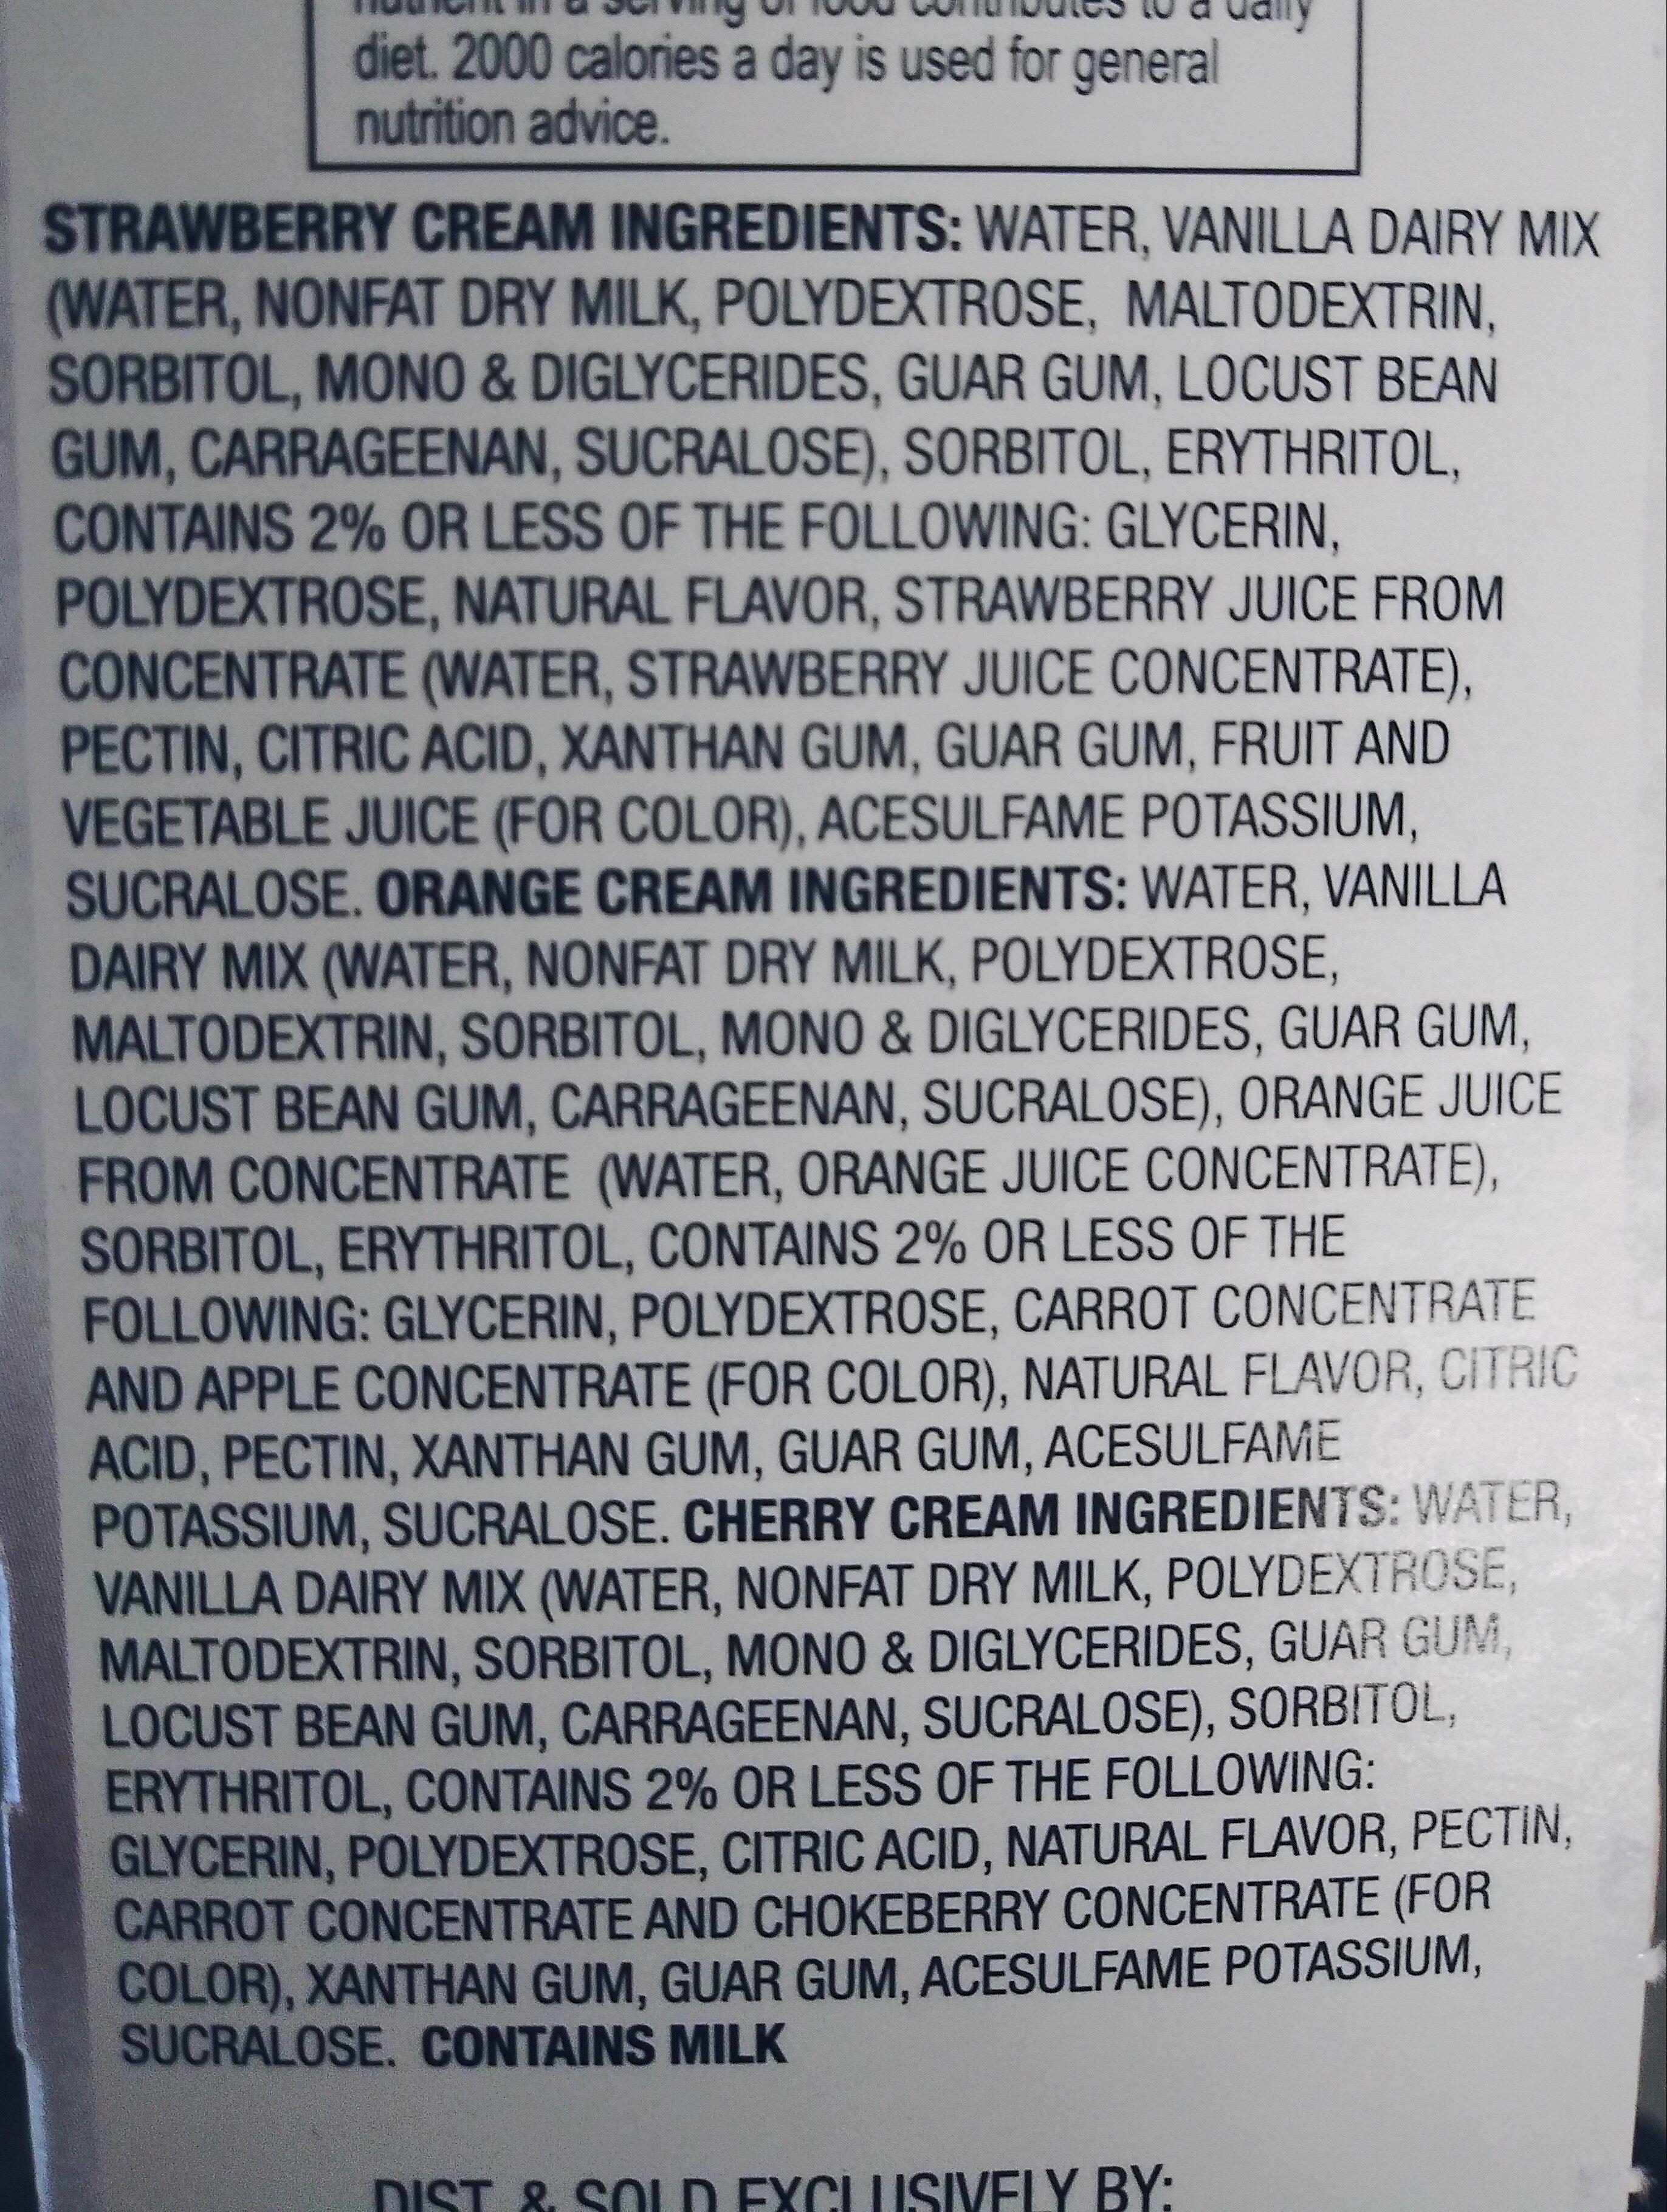 fit and active vanilla cream bars - Ingredients - en